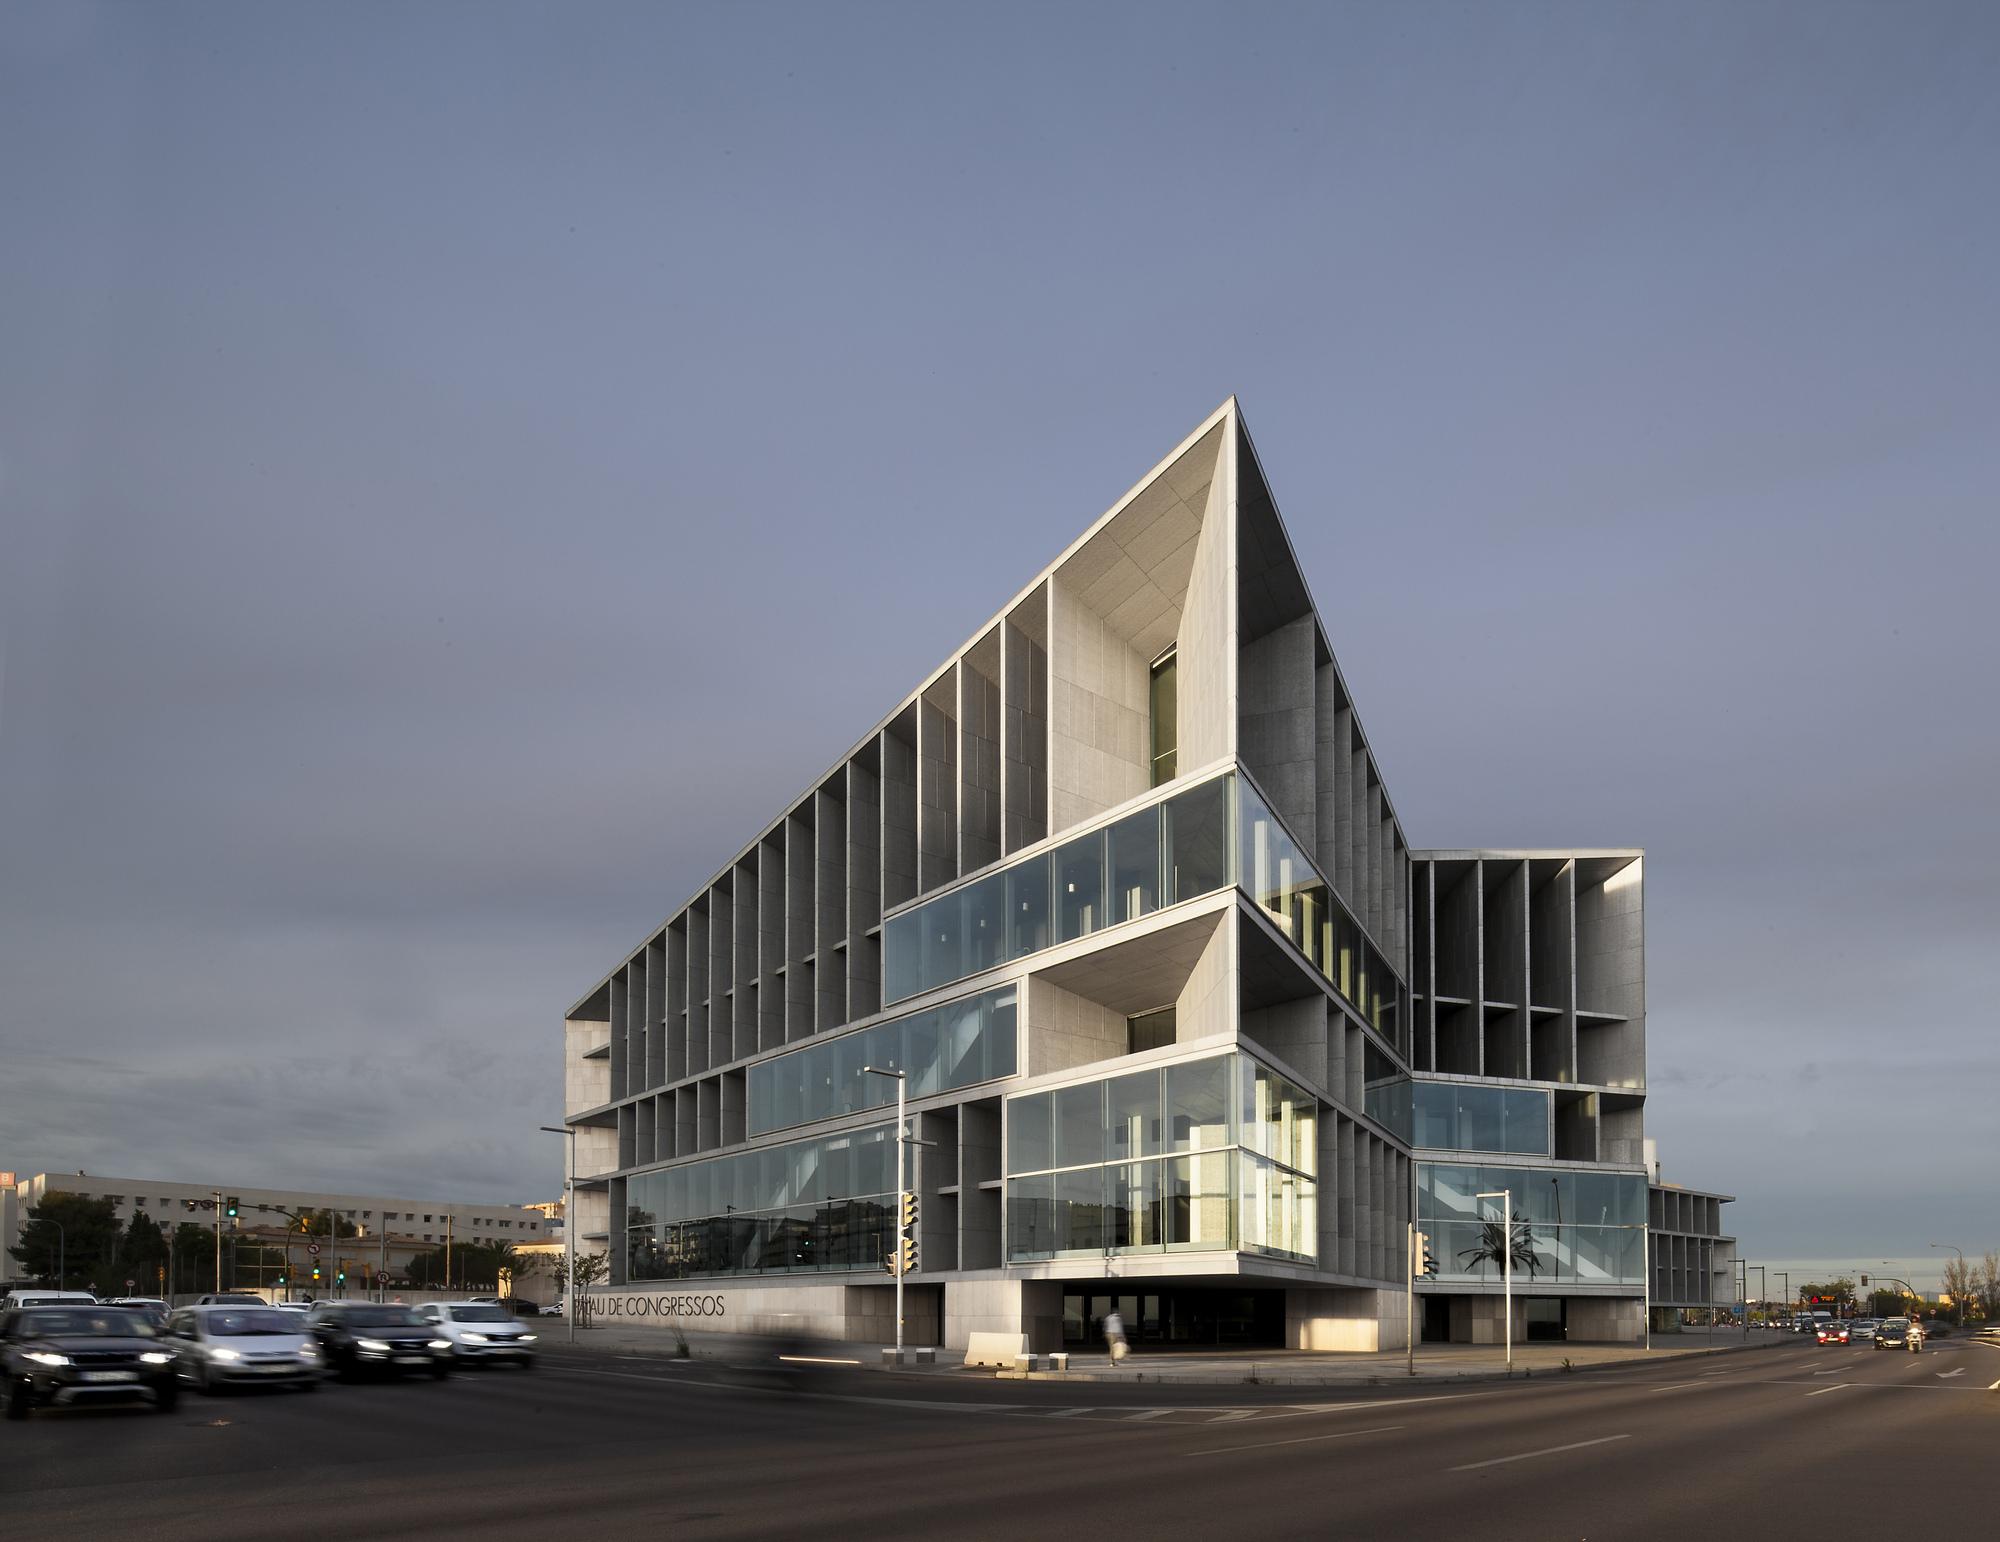 Palacio de congresos y hotel en palma de mallorca francisco mangado plataforma arquitectura - Arquitectos palma de mallorca ...